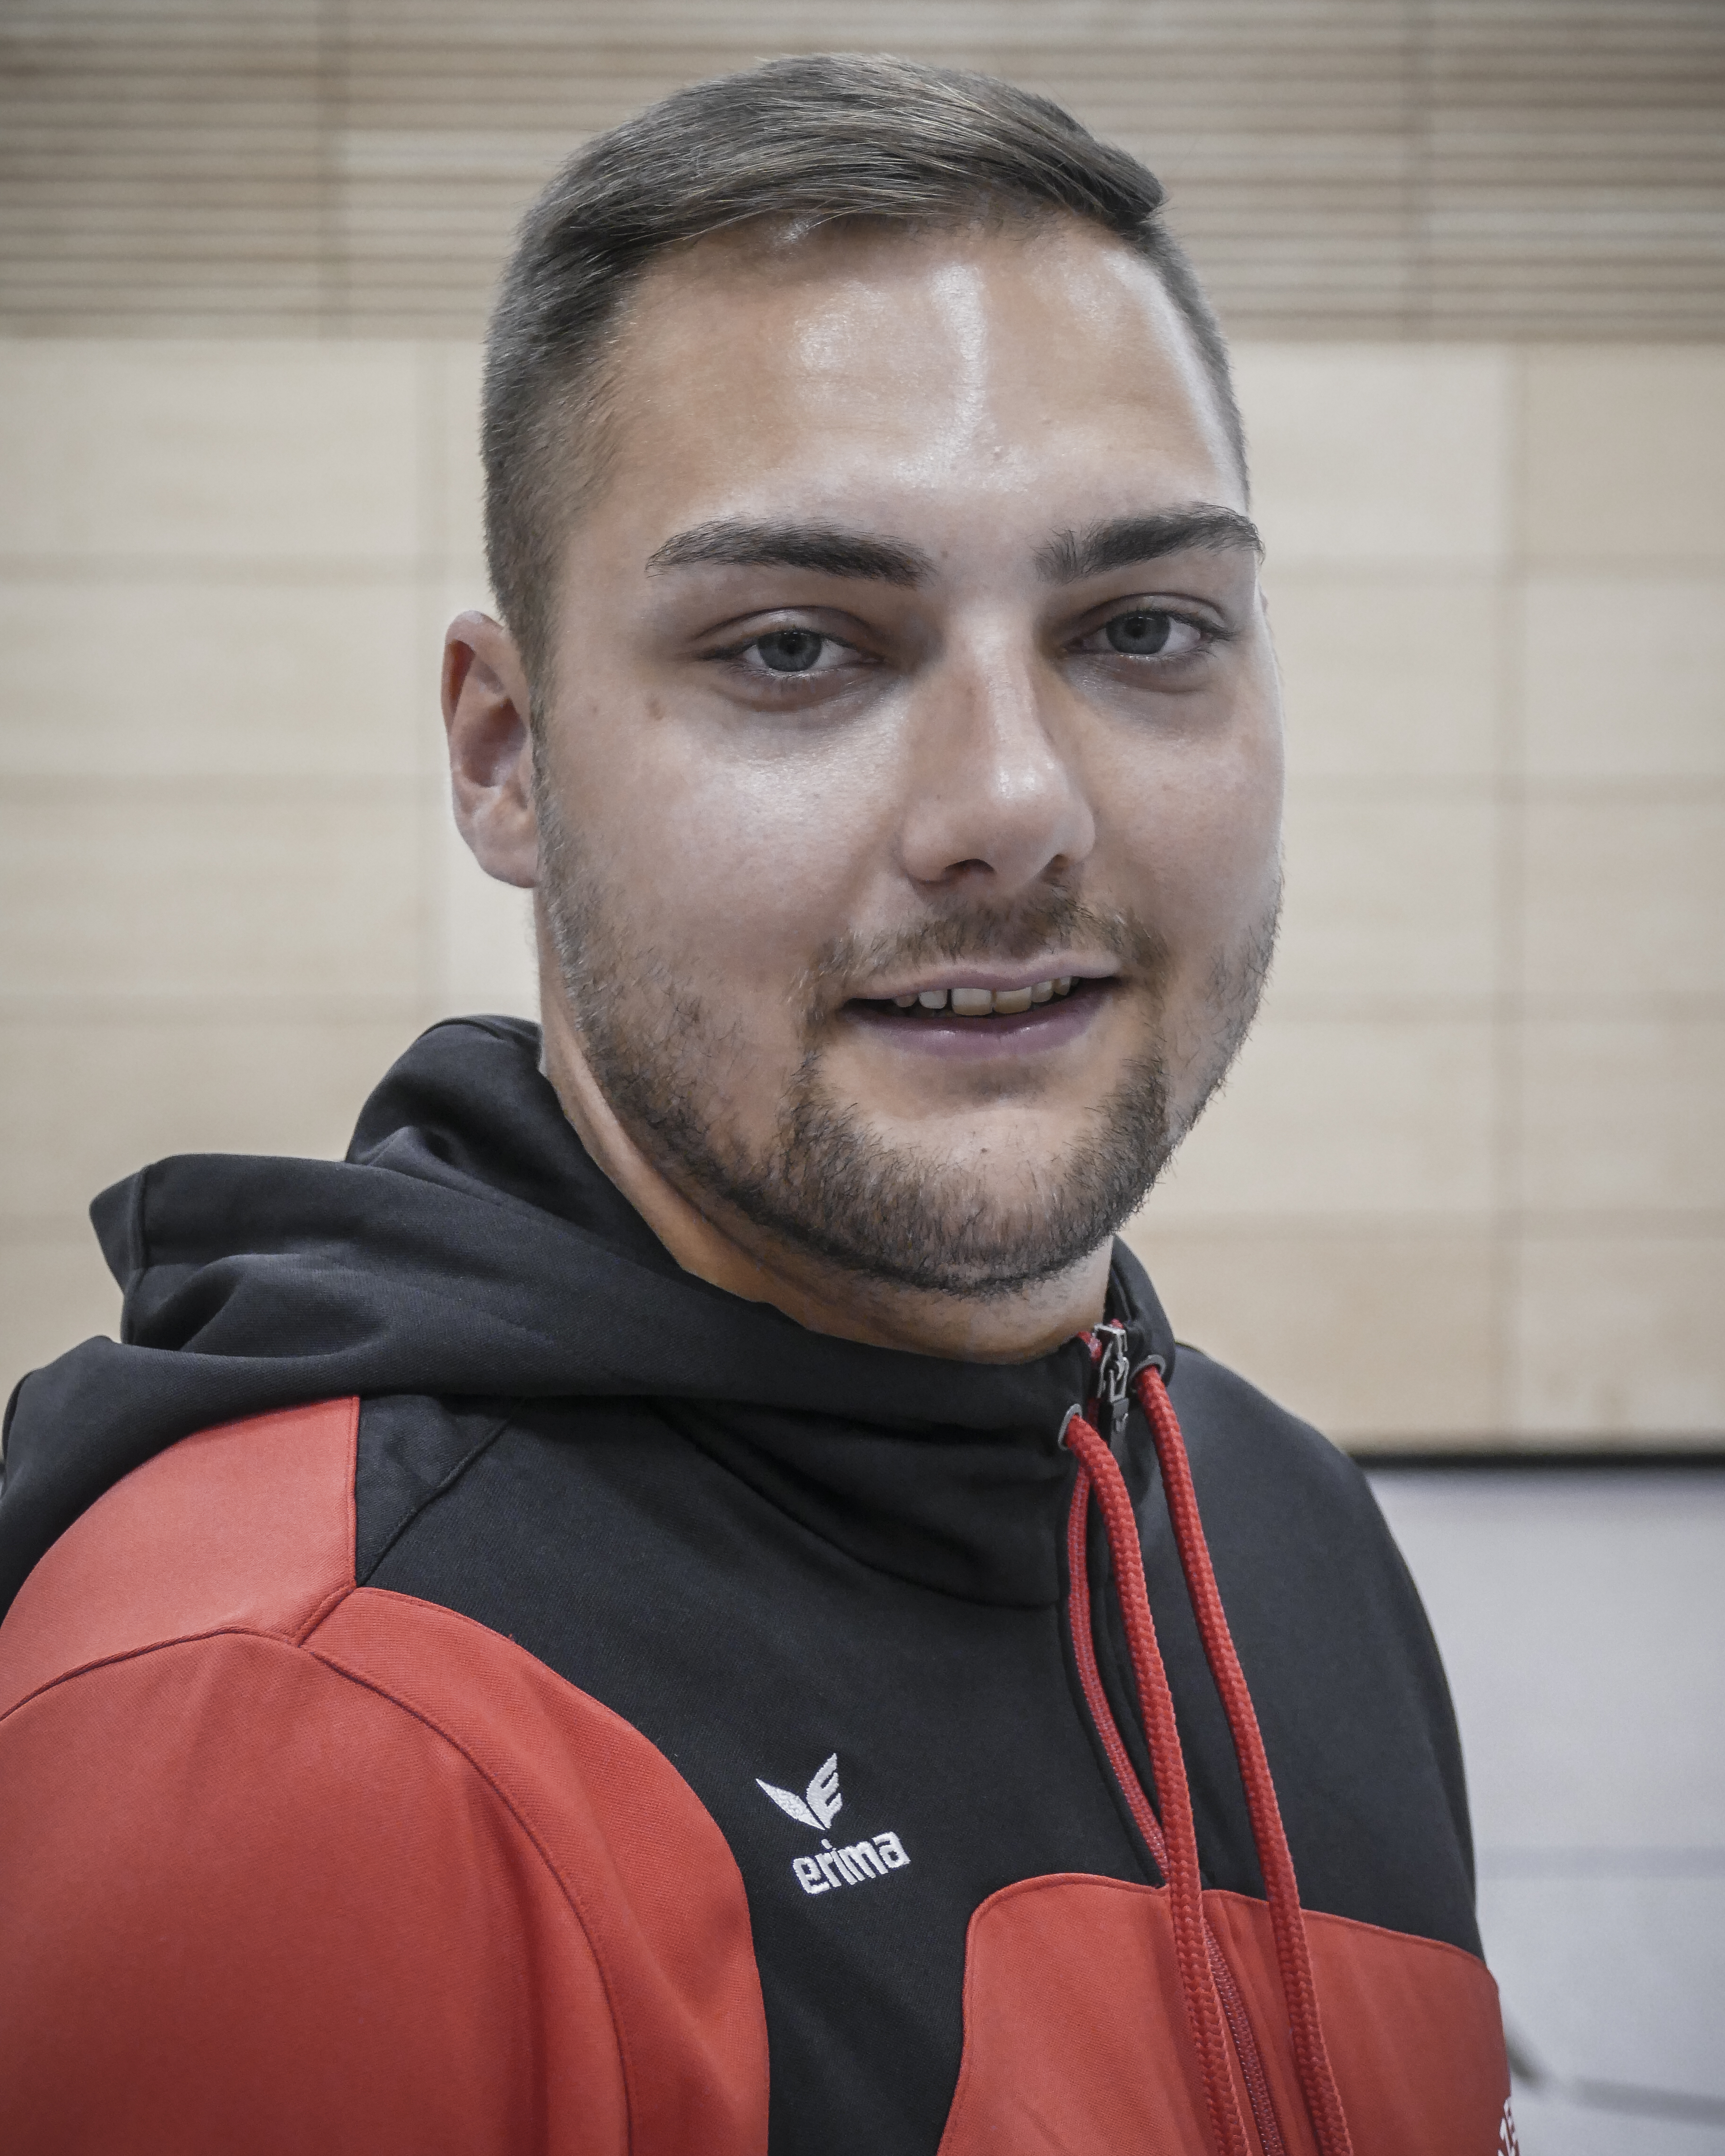 Manuel Blenk